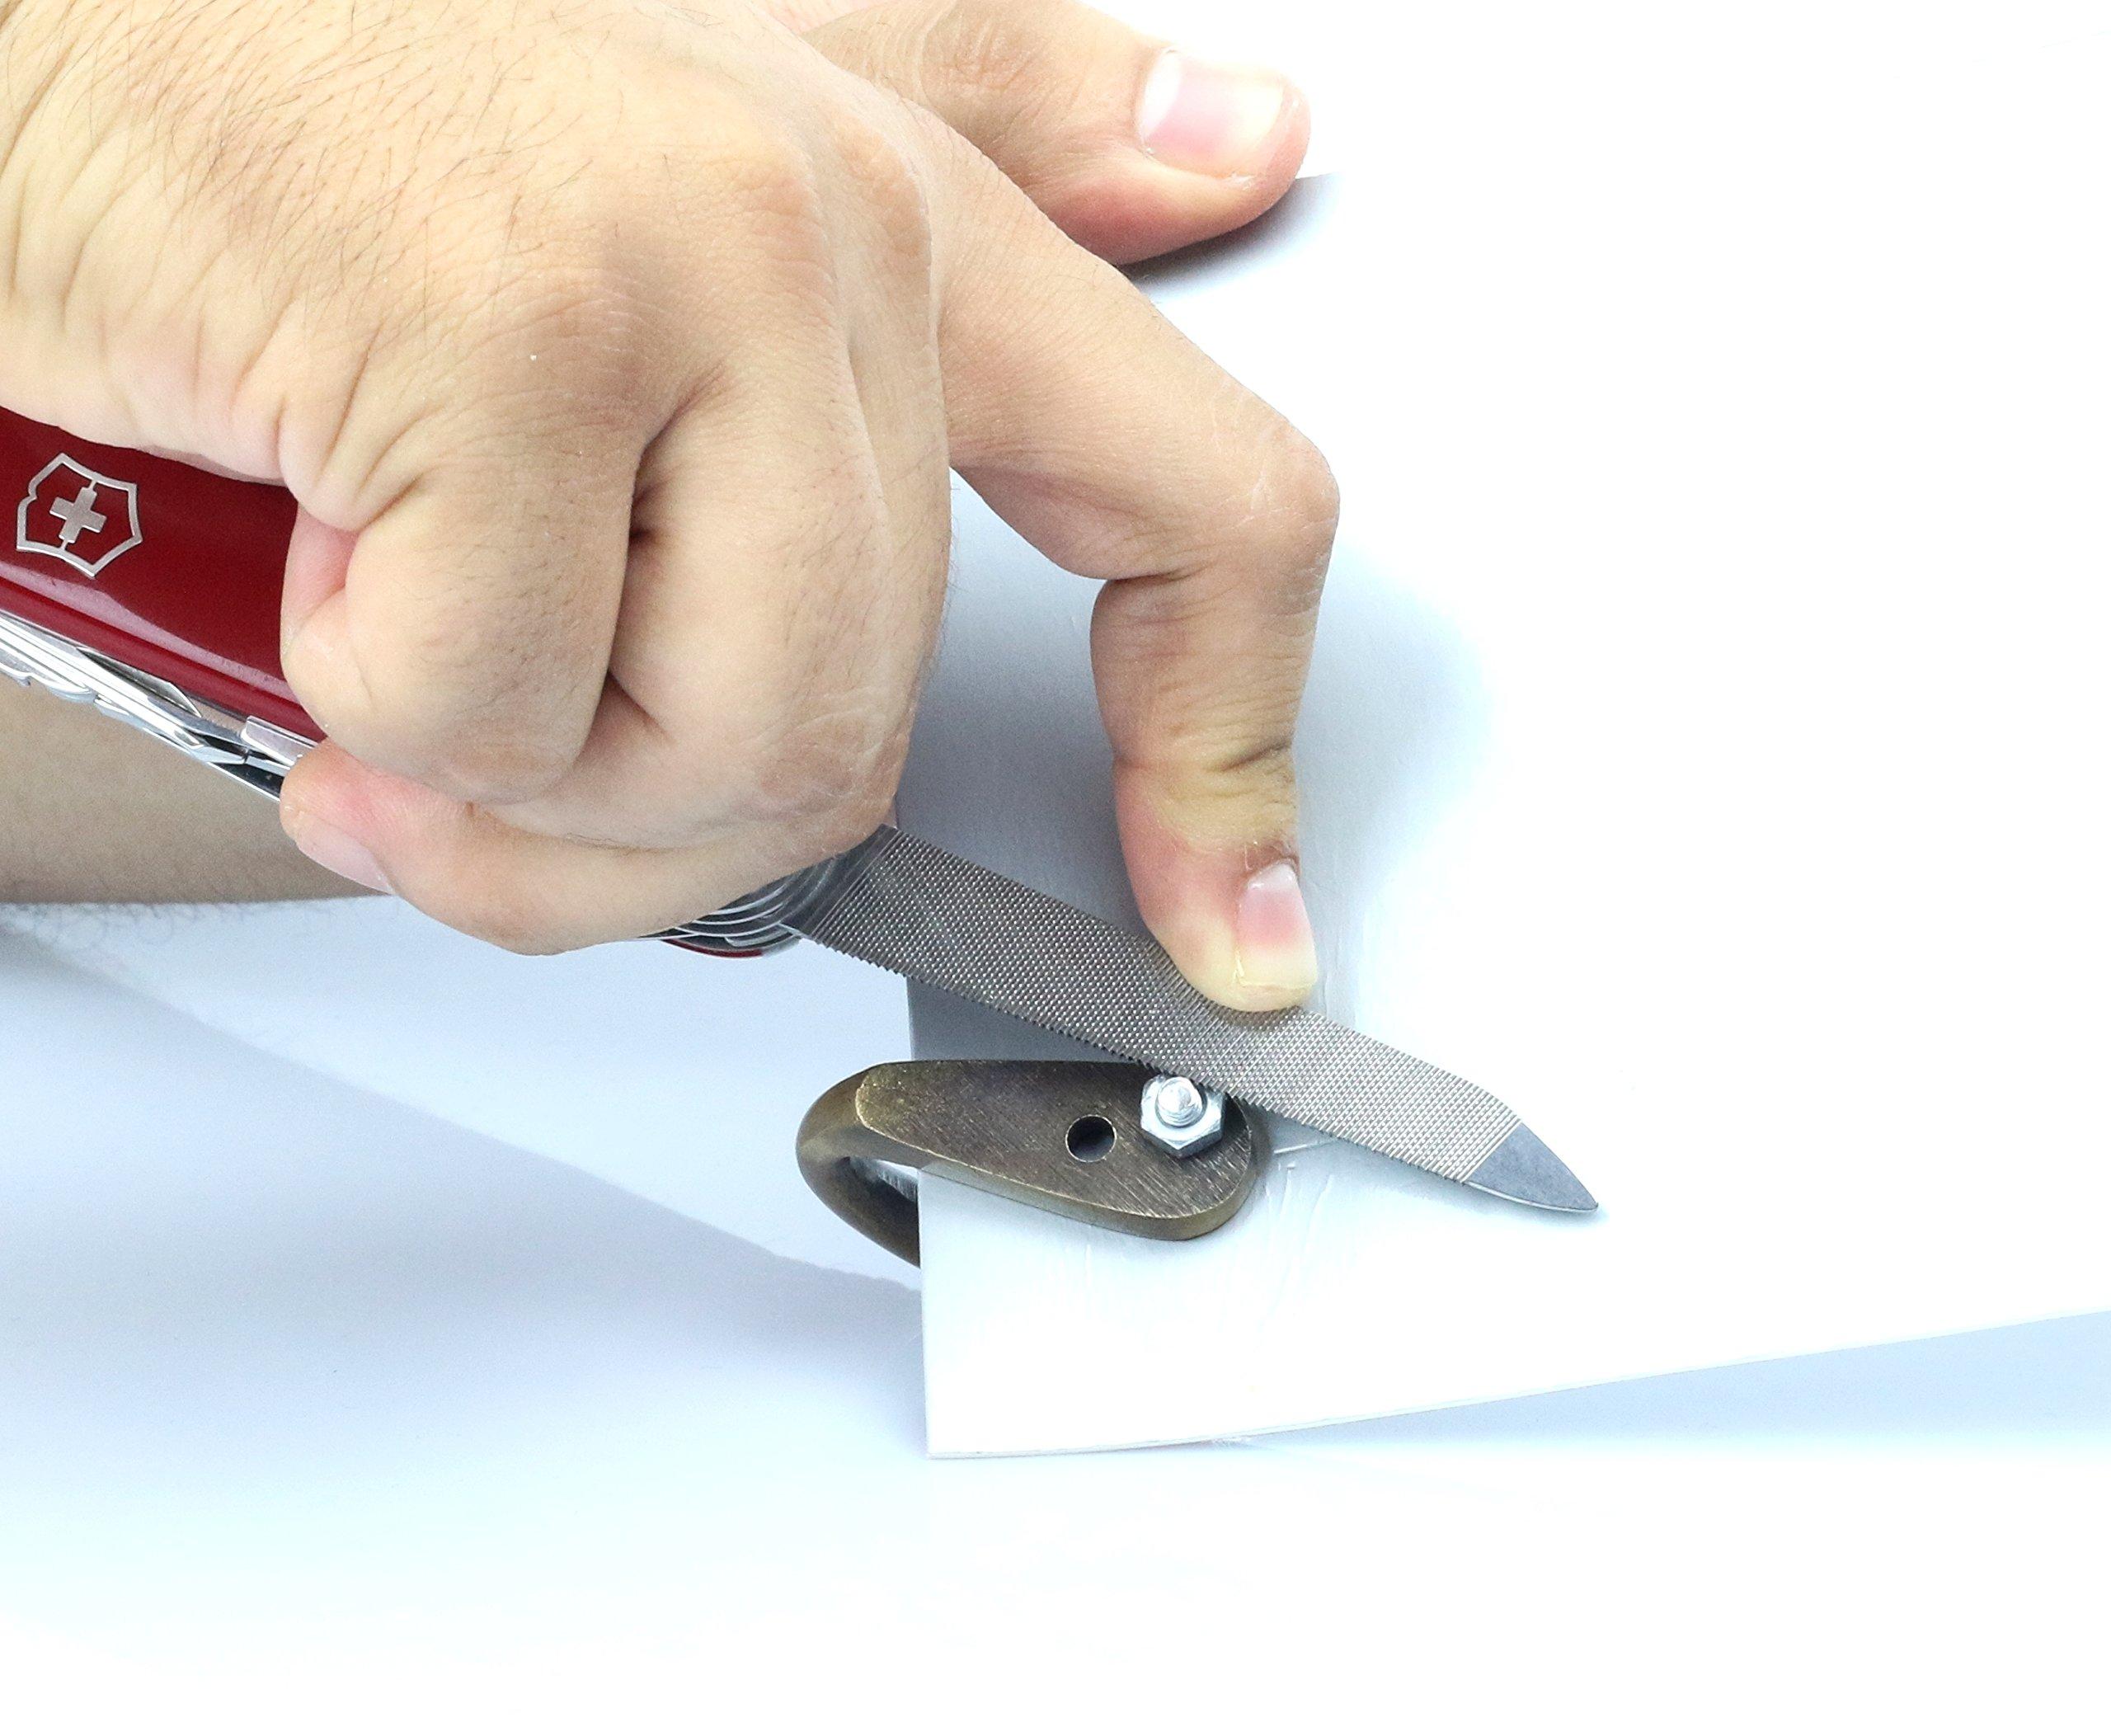 Victorinox Taschenwerkzeug Offiziersmesser Swiss Champ Rot Swisschamp Officer's Knife, Red, 91mm 28